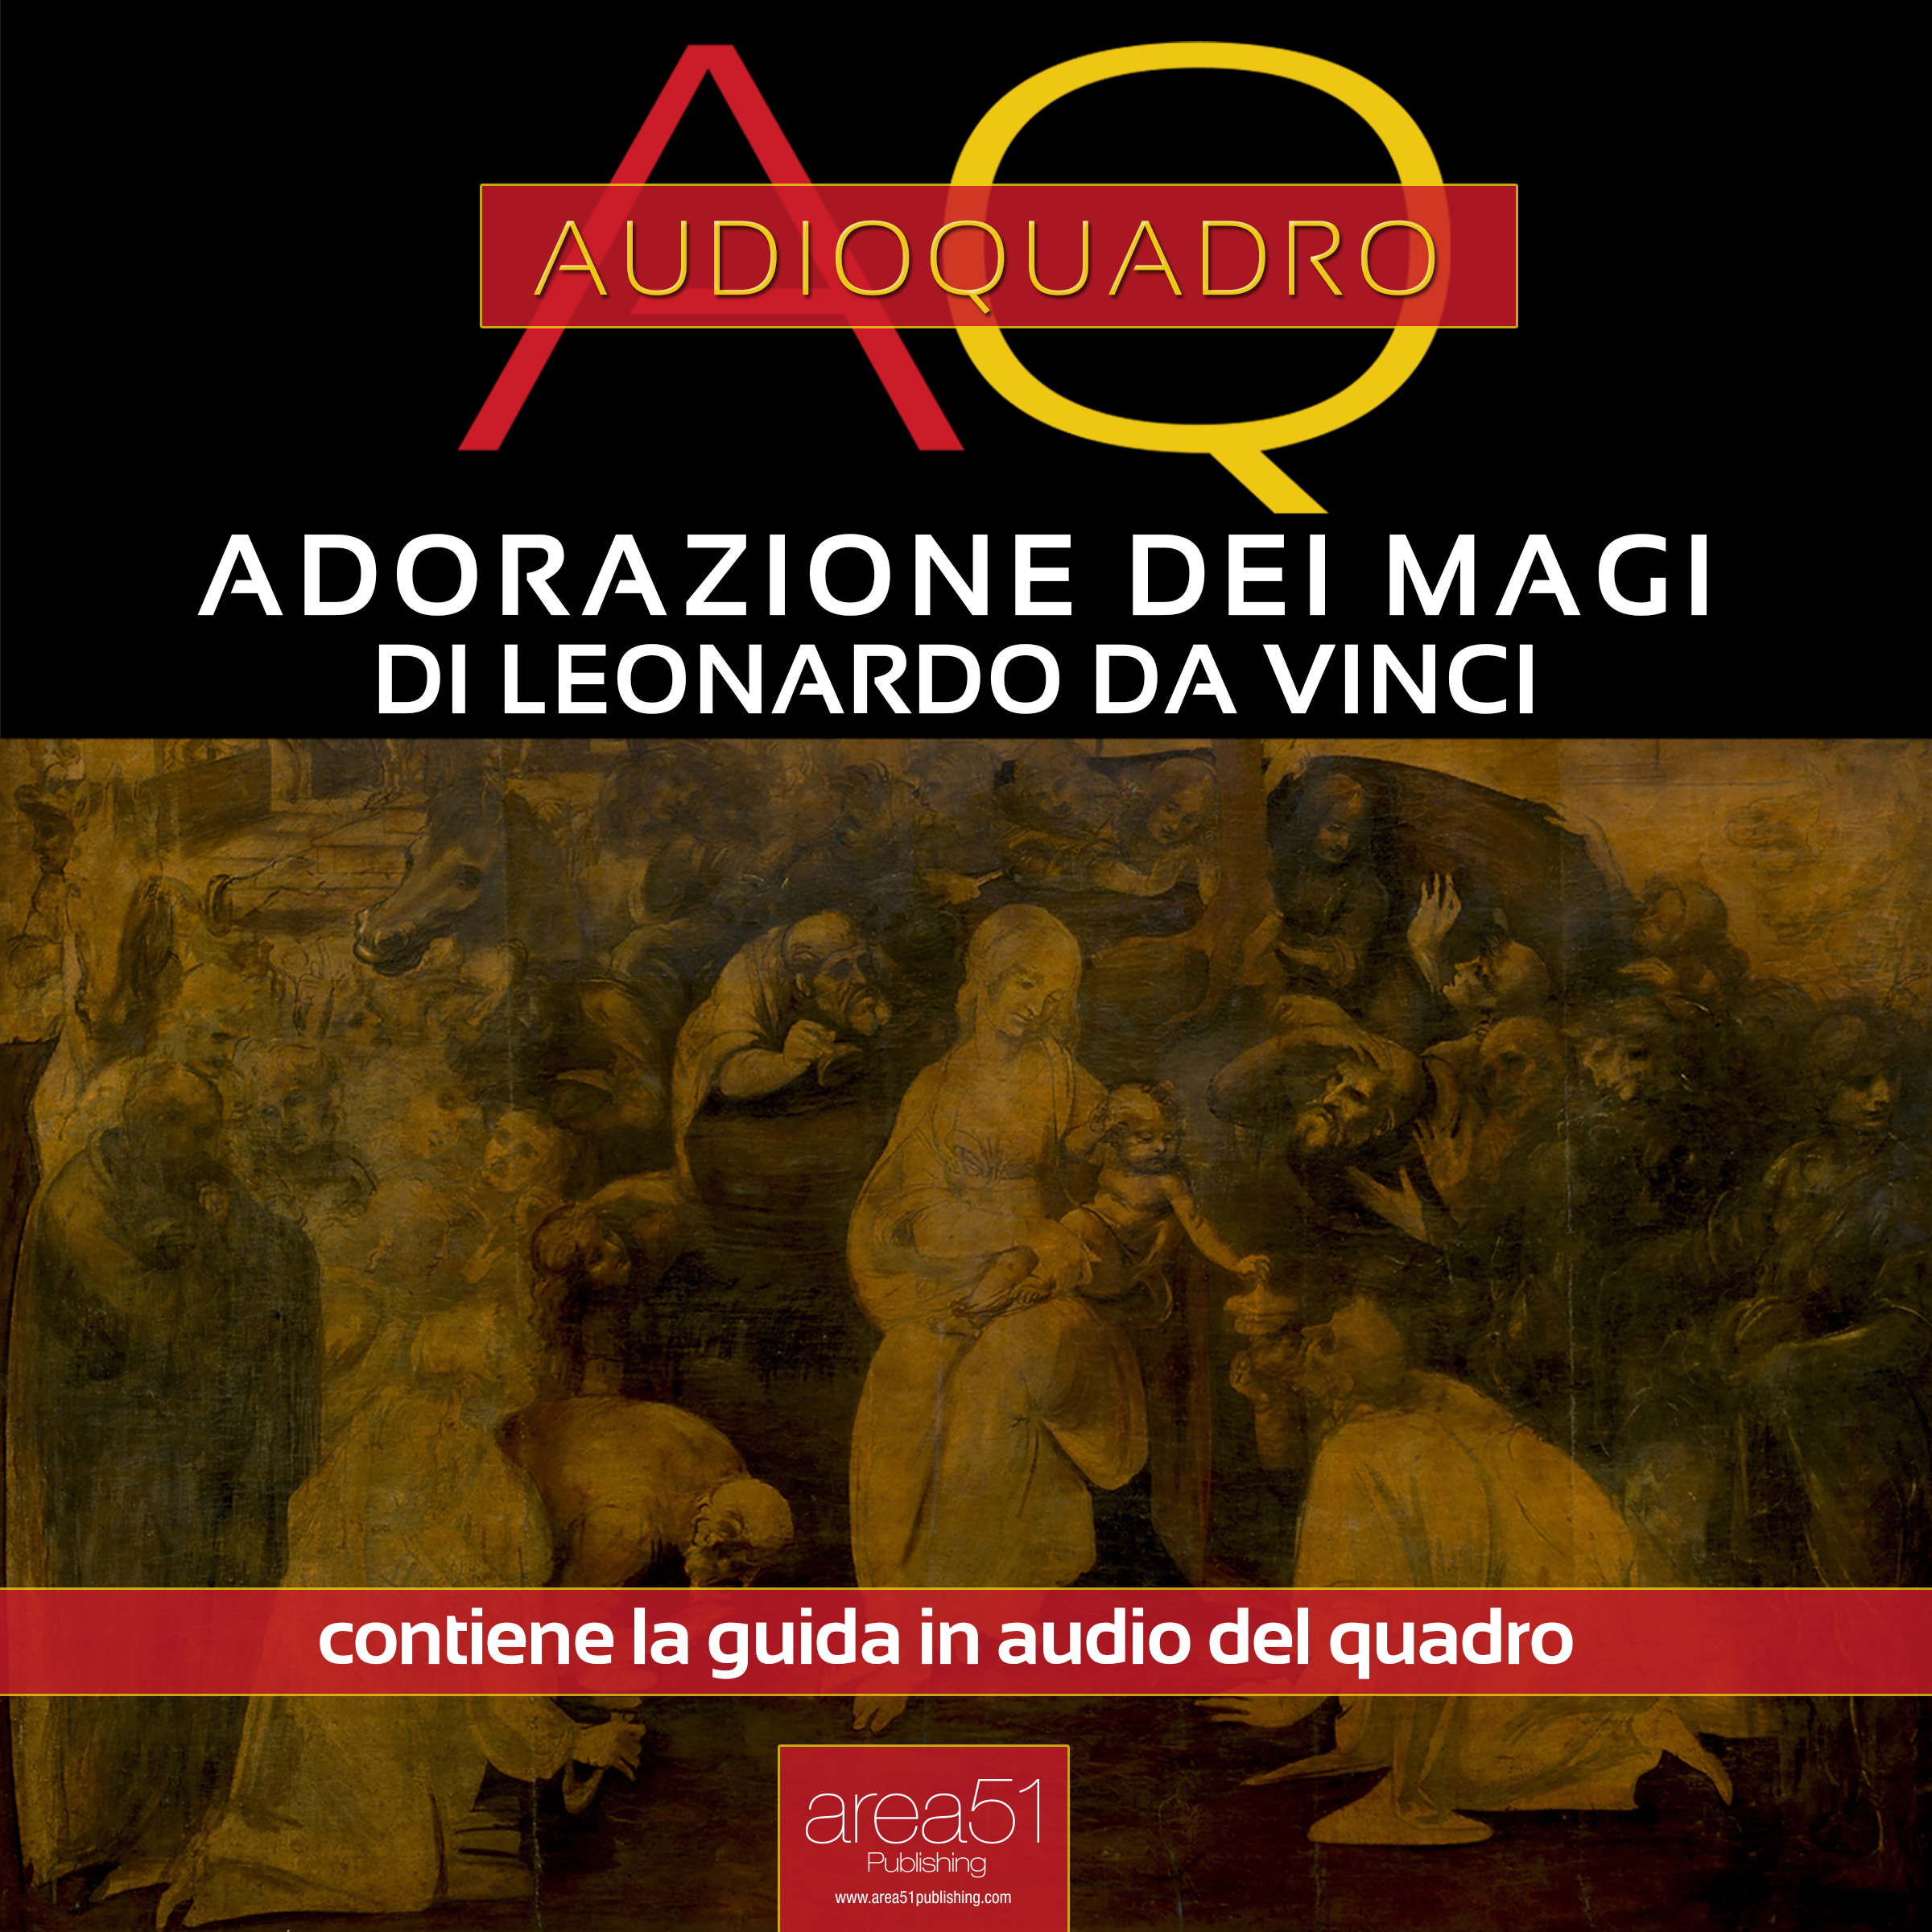 Adorazione dei Magi di Leonardo Da Vinci. Audioquadro-0